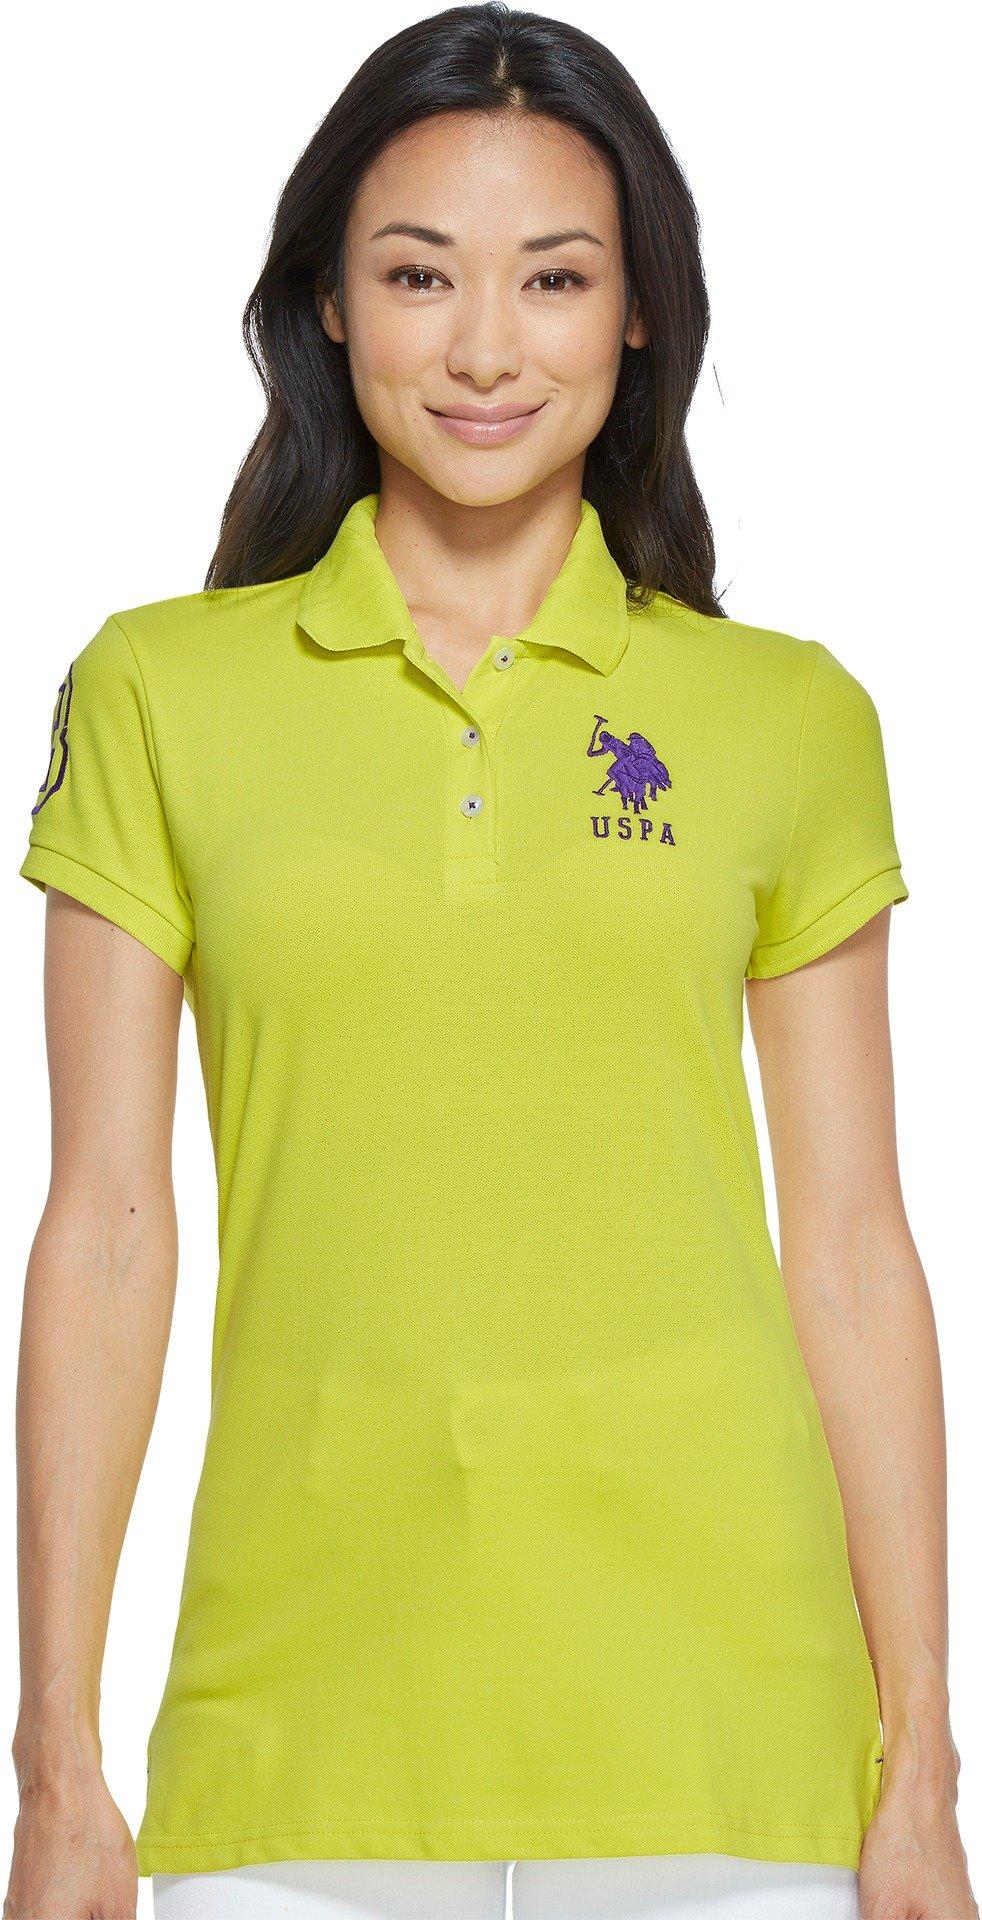 U.S. Polo Assn. Women's Neon Logos Short Sleeve Polo Shirt, Pineapple Colada, S